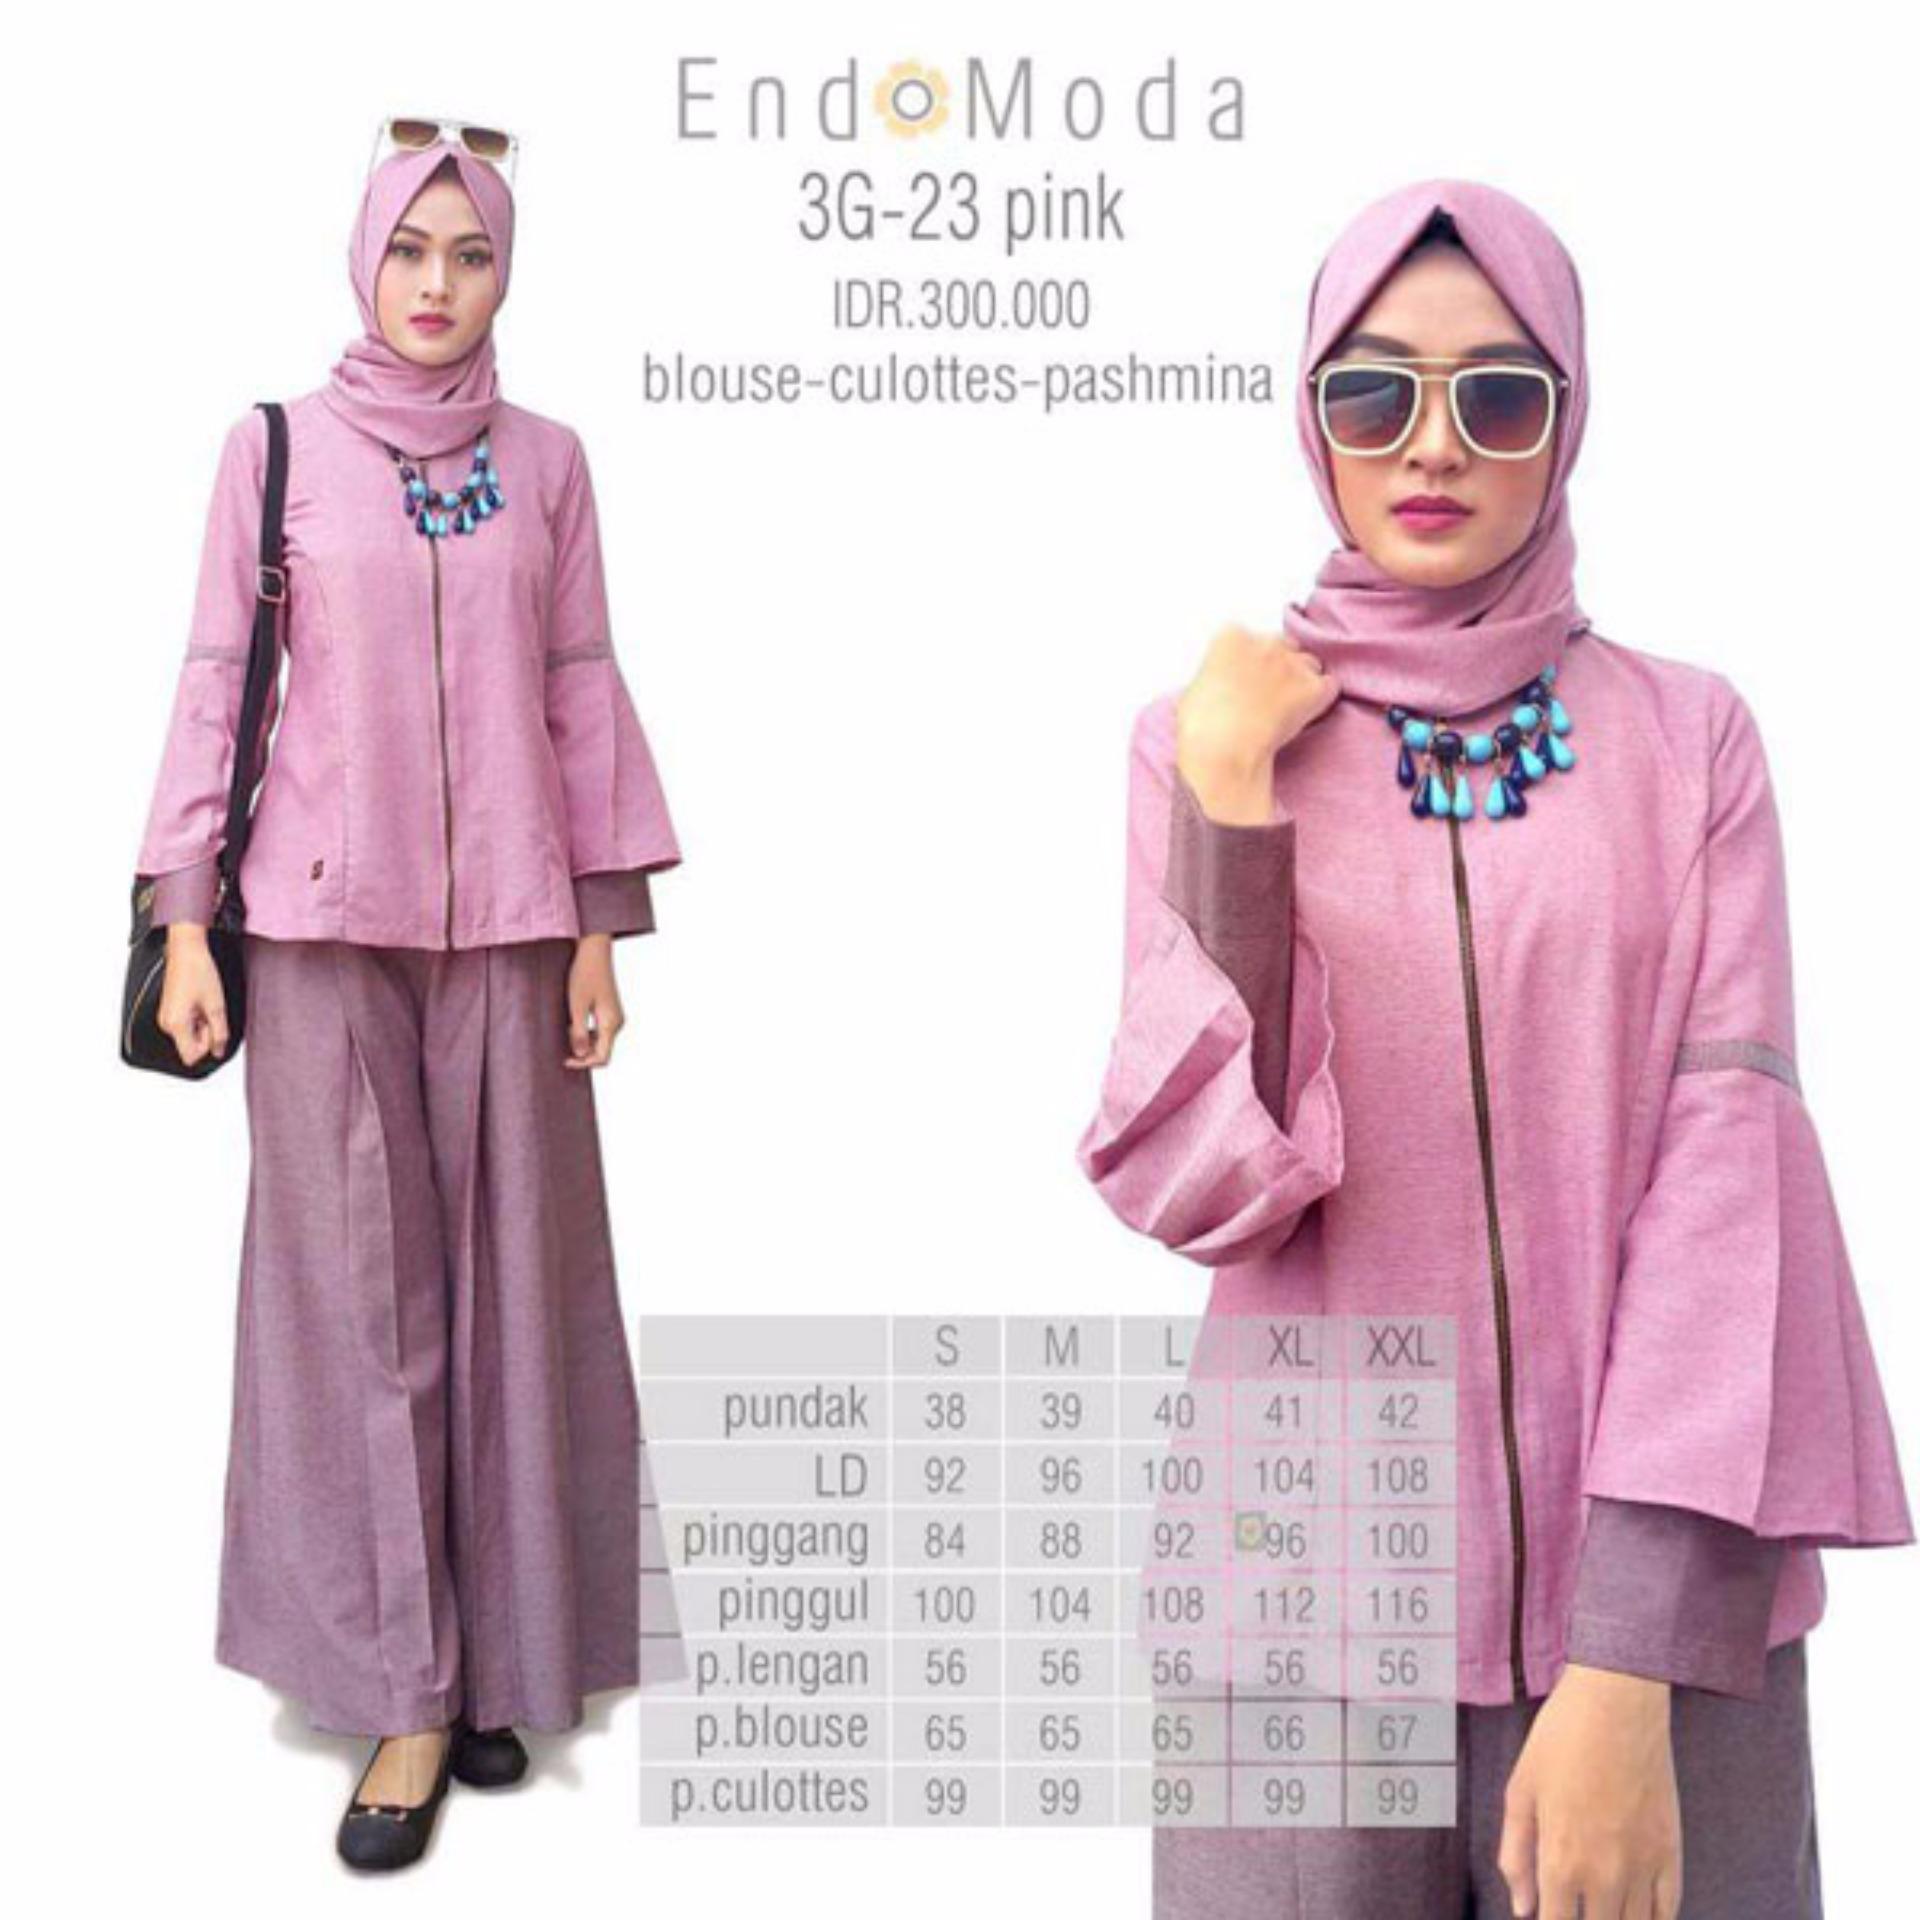 Daftar Harga Baju Original Endo Moda 3G 23 Setelanwanita Baju Muslim Modern Gamis Katun Supernova Premium Warnapink Baju Original